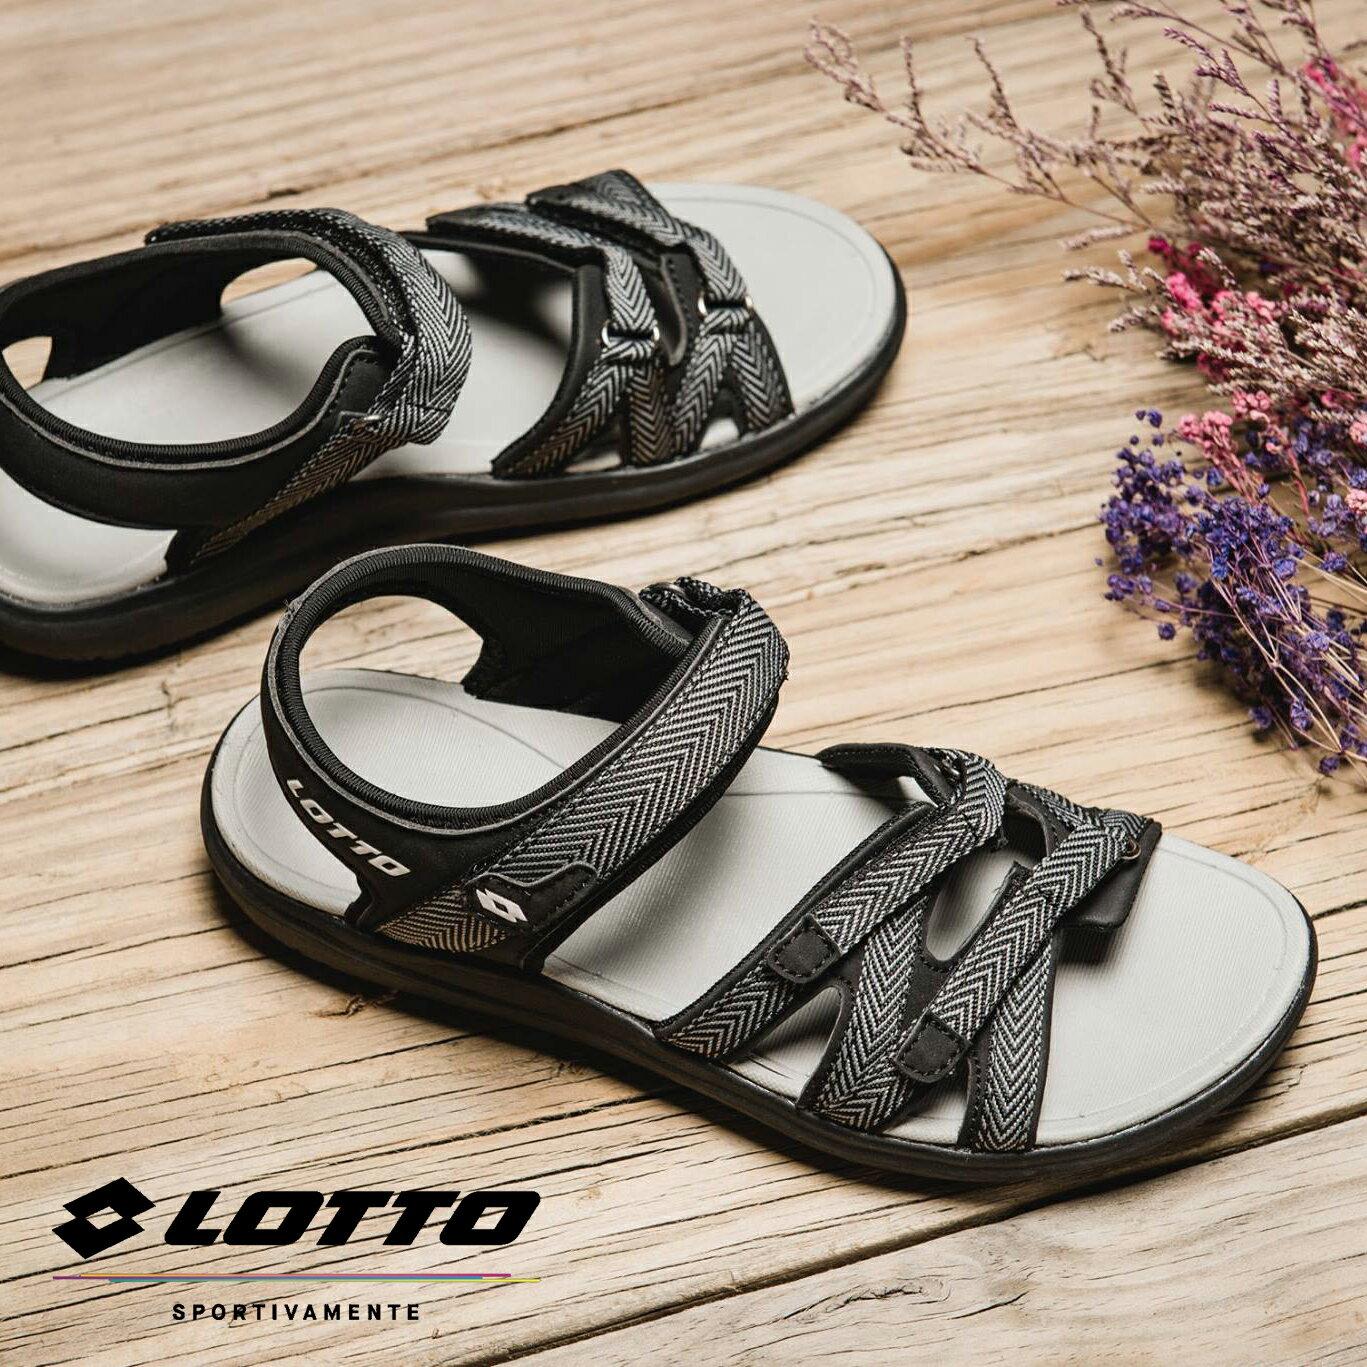 【巷子屋】義大利第一品牌-LOTTO樂得 女款人字紋織帶輕涼鞋 [6170] 黑 超值價$750